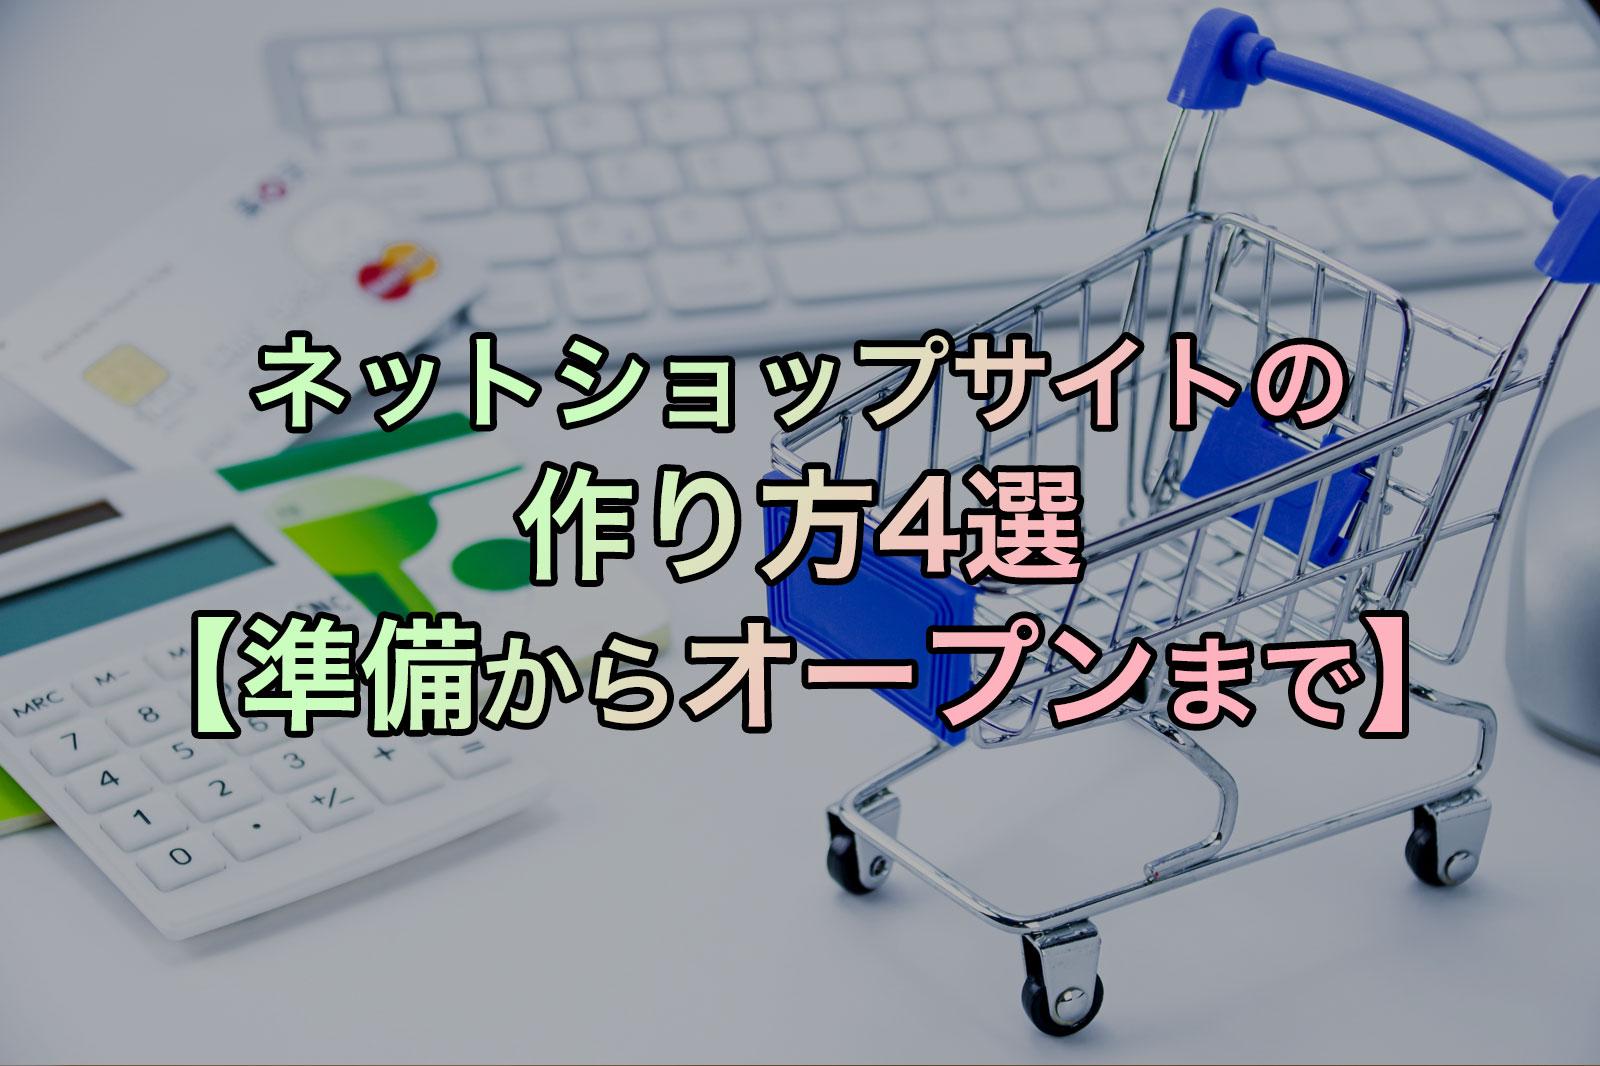 ネットショップサイトの作り方4選【準備からオープンまで】